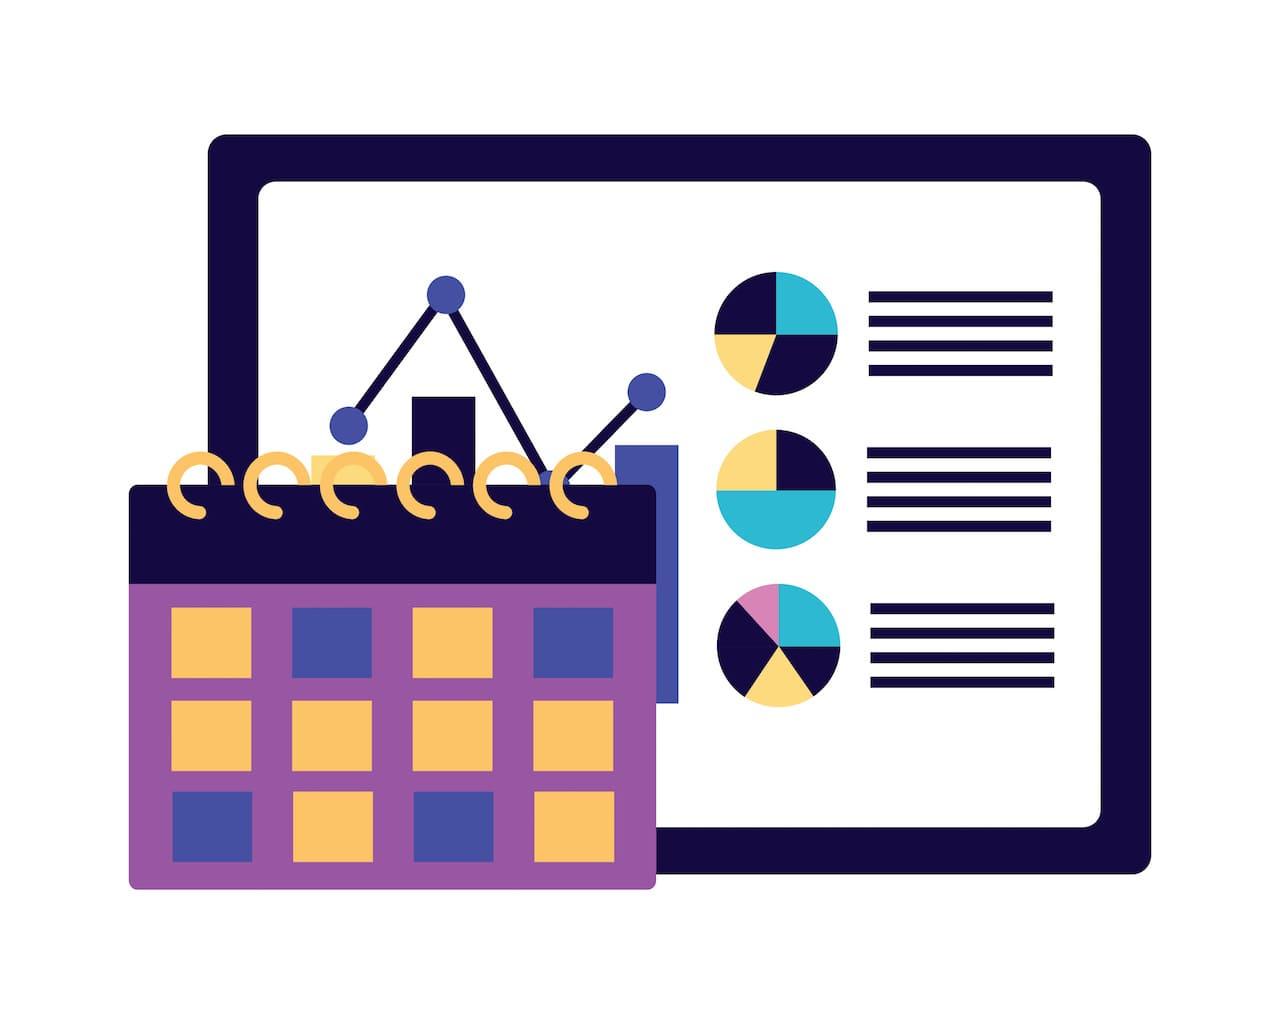 【Excel】EDATE関数を使って、年度を表す方法